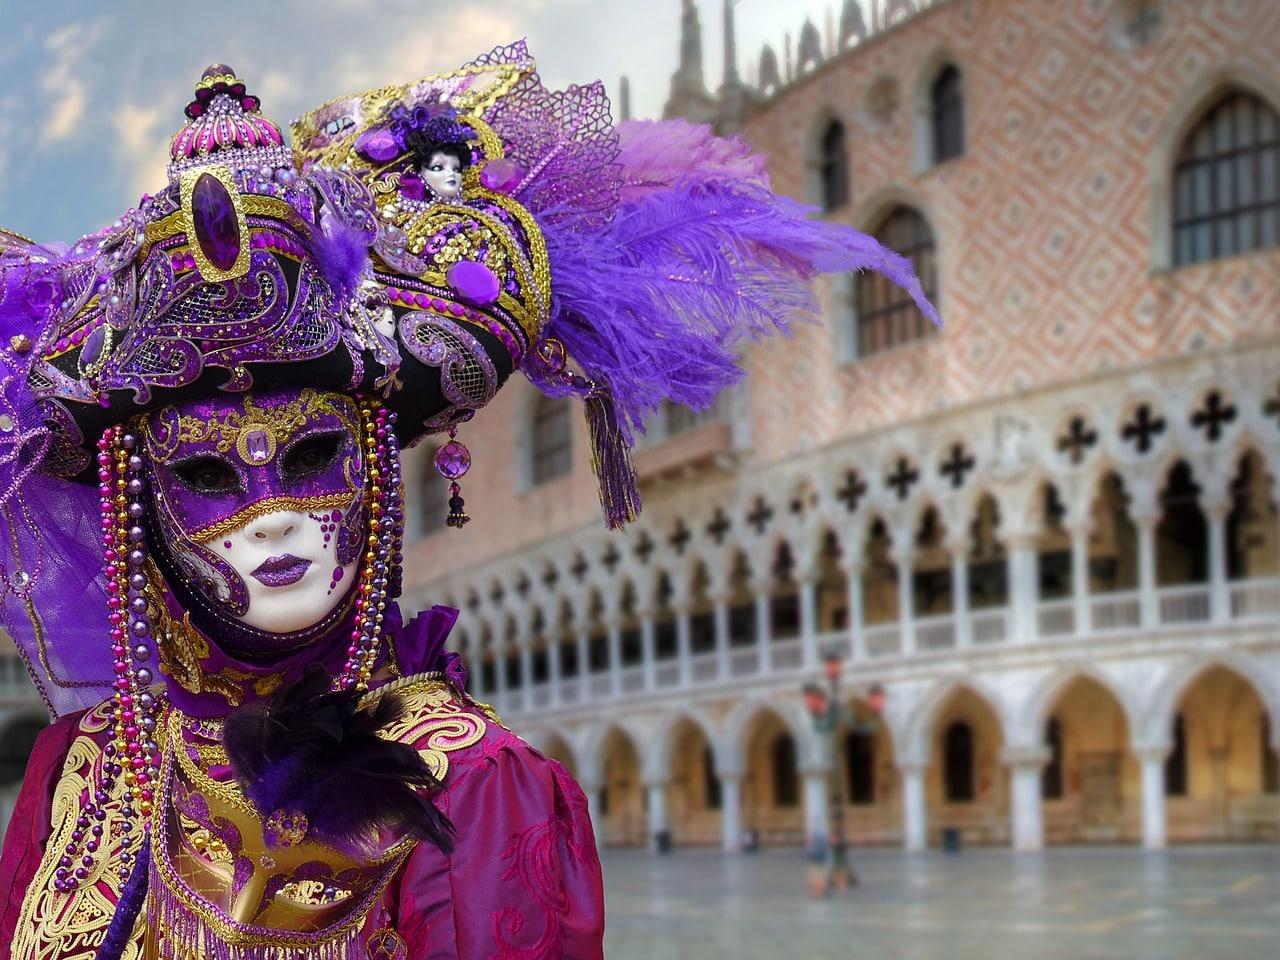 Carnaval de Venise : 6 jours à partir de 295€ par personne (vols A/R + hébergement inclus)